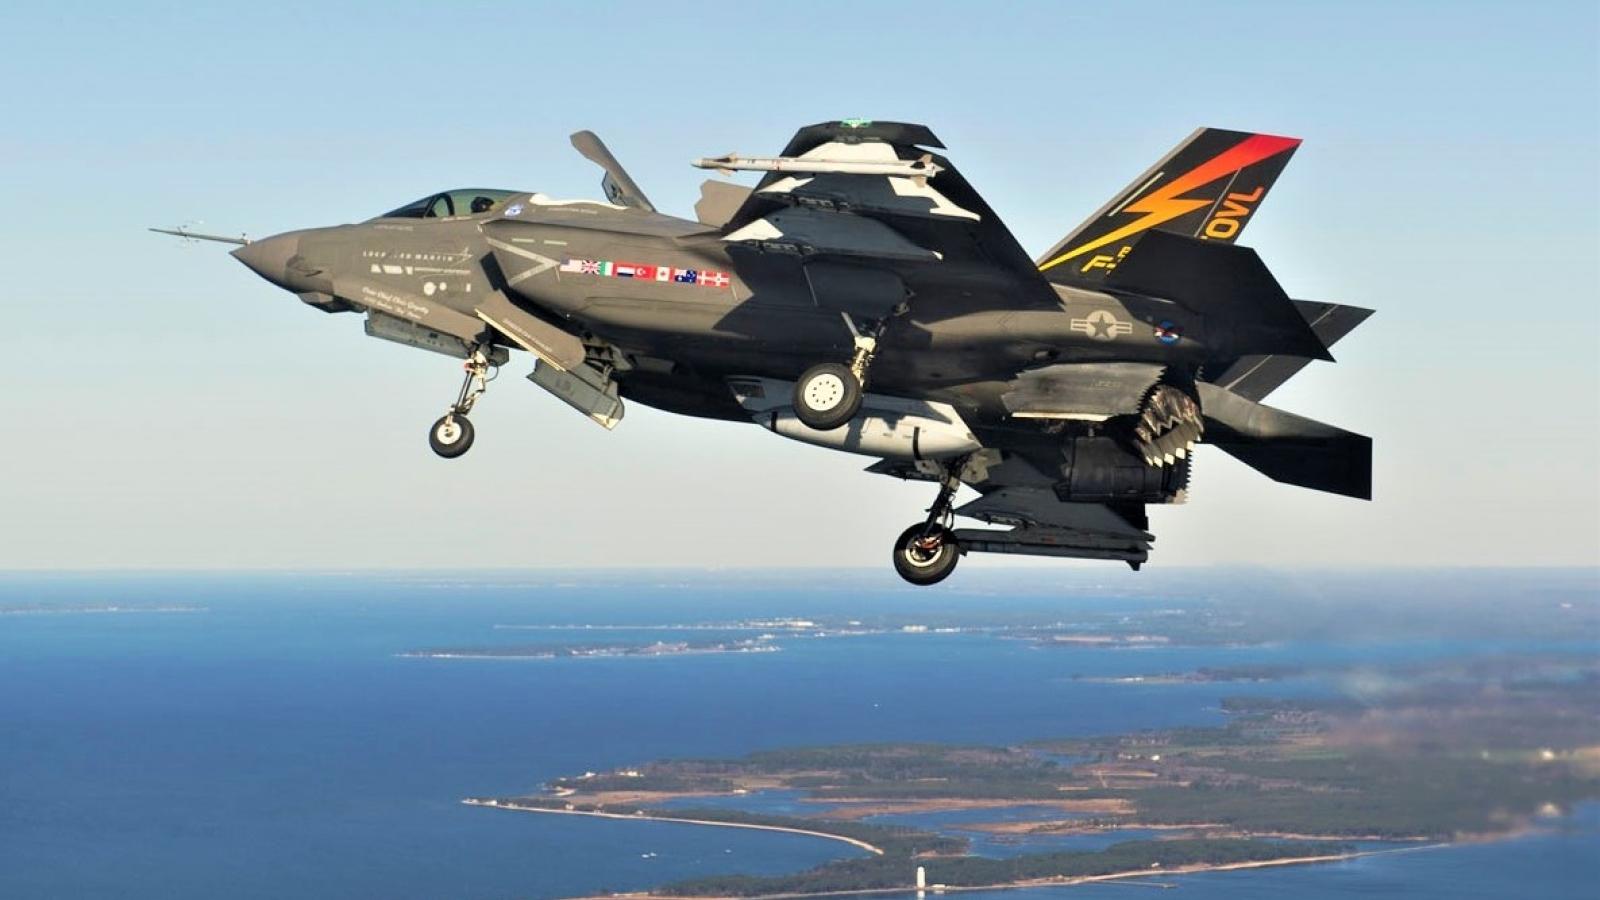 Nguyên nhân khiến Vương quốc Anh cắt giảm 65% đơn hàng F35